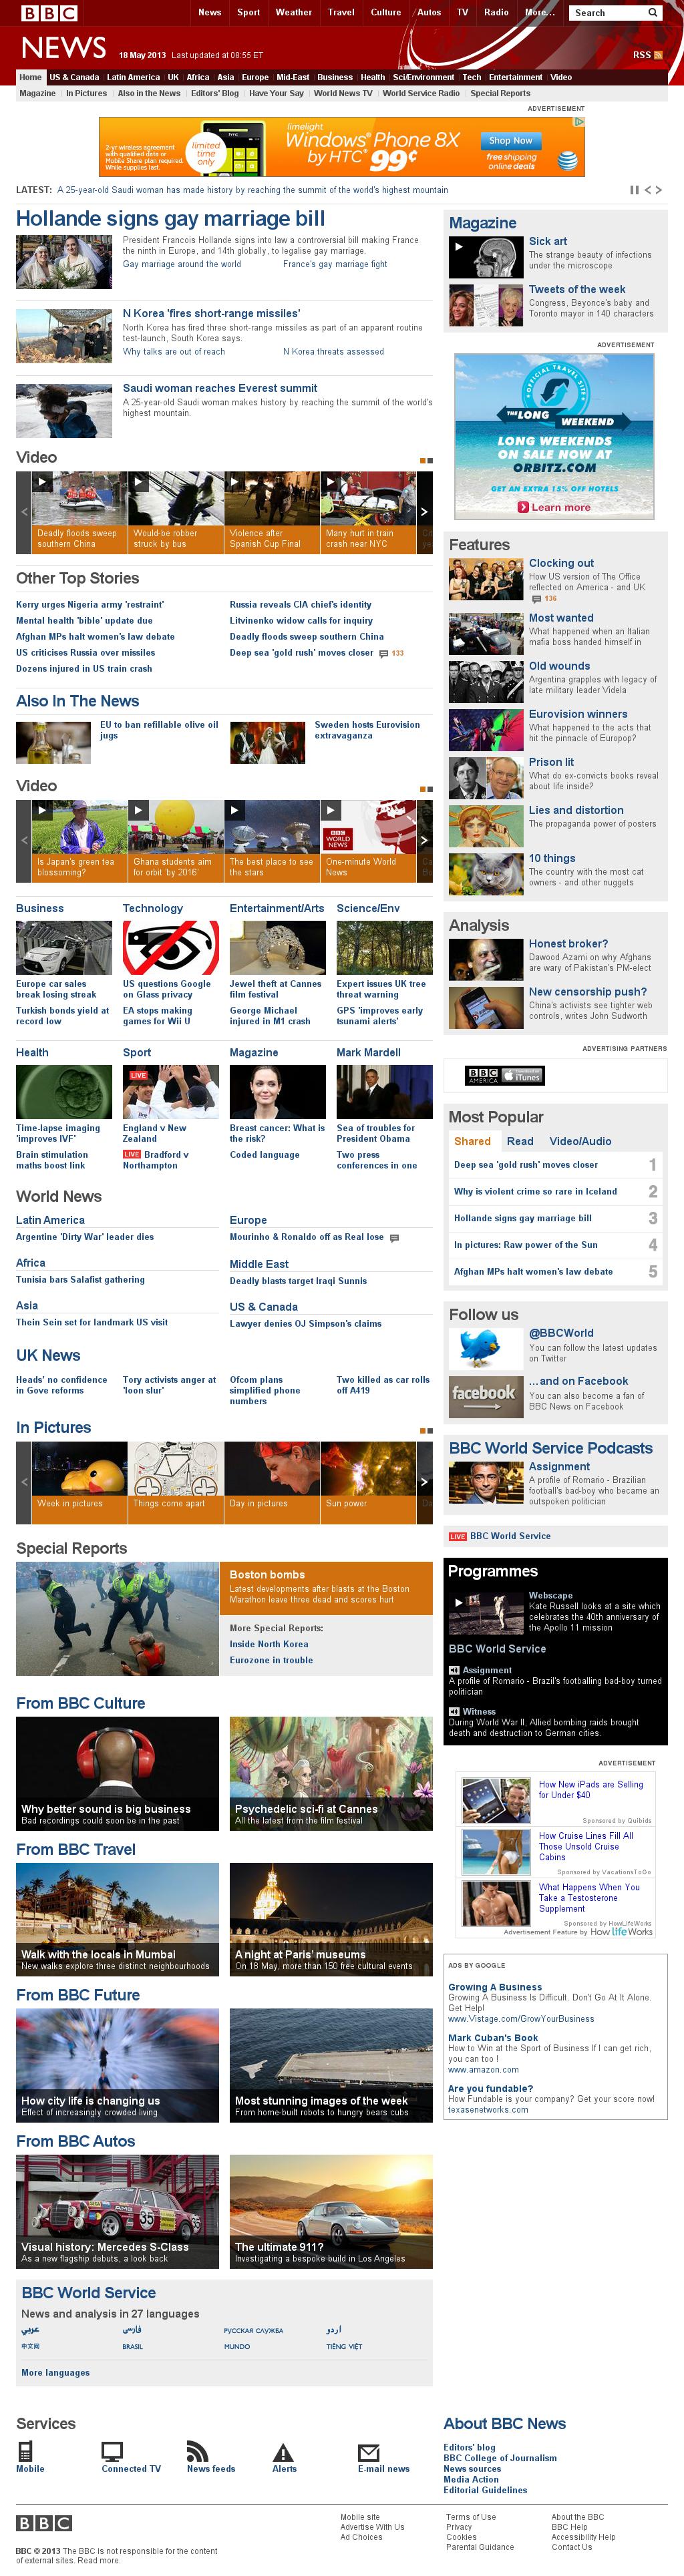 BBC at Saturday May 18, 2013, 1:01 p.m. UTC